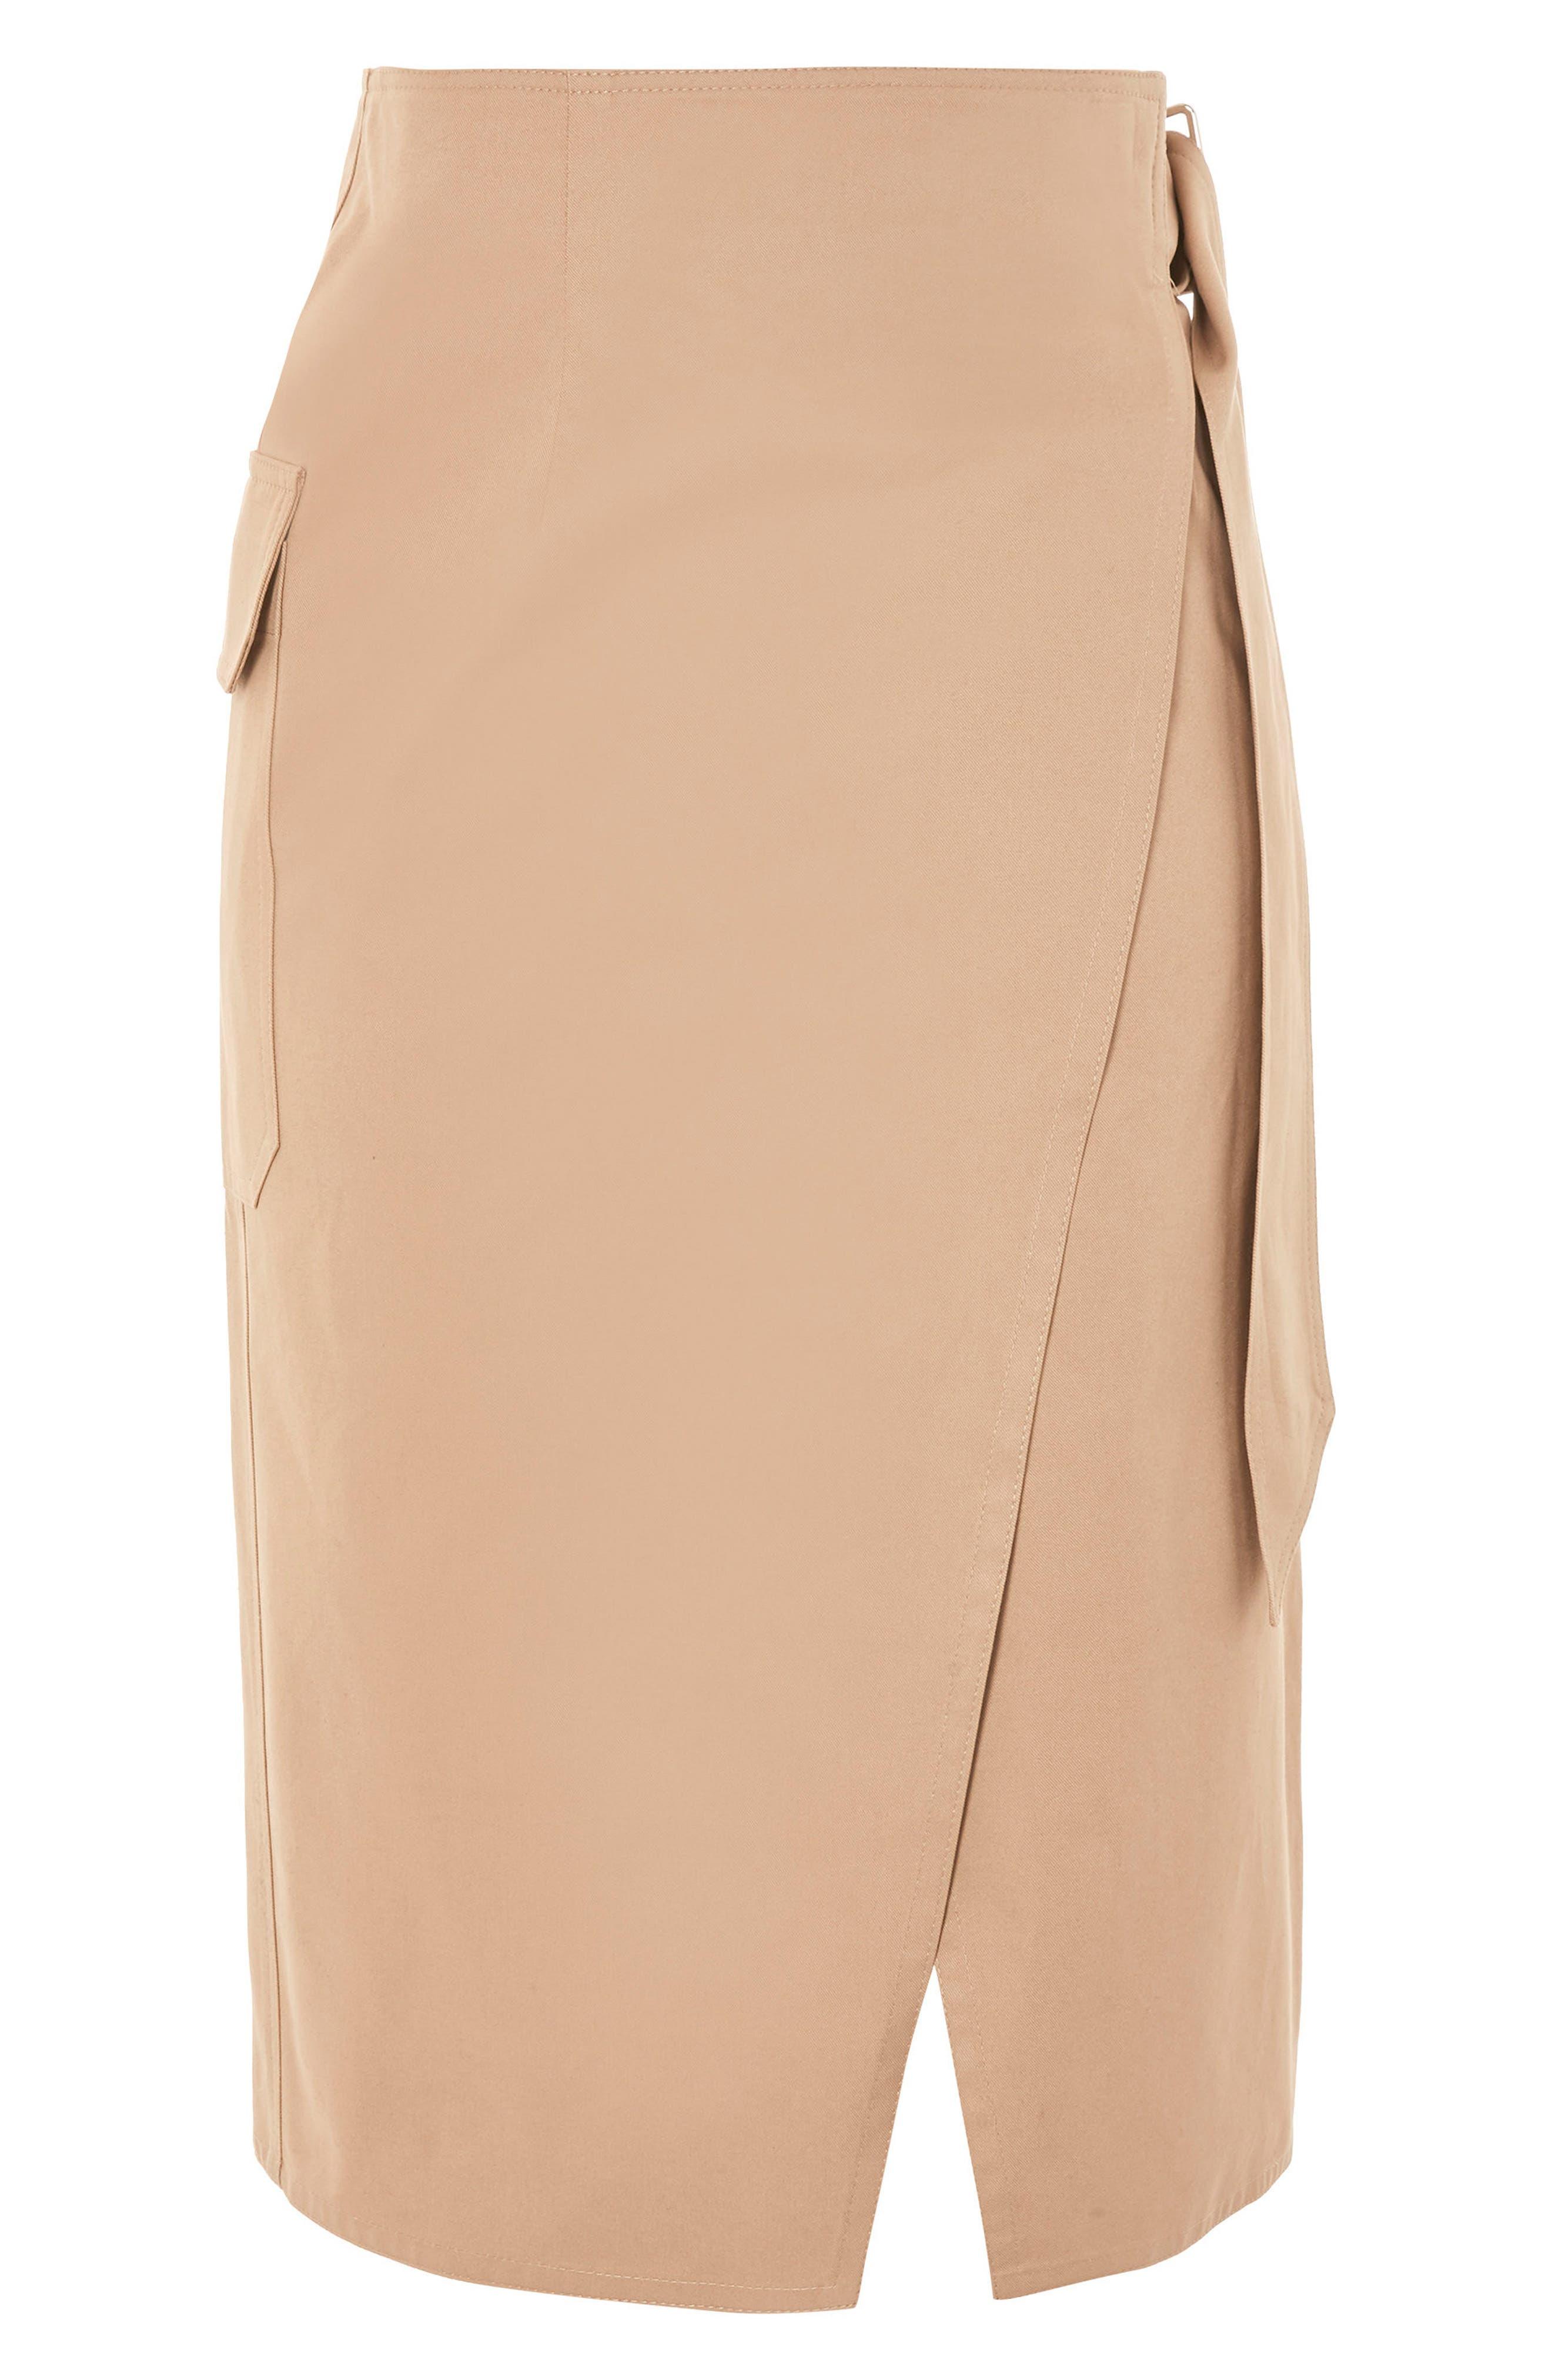 Boutique Utility Wrap Skirt,                         Main,                         color, Stone